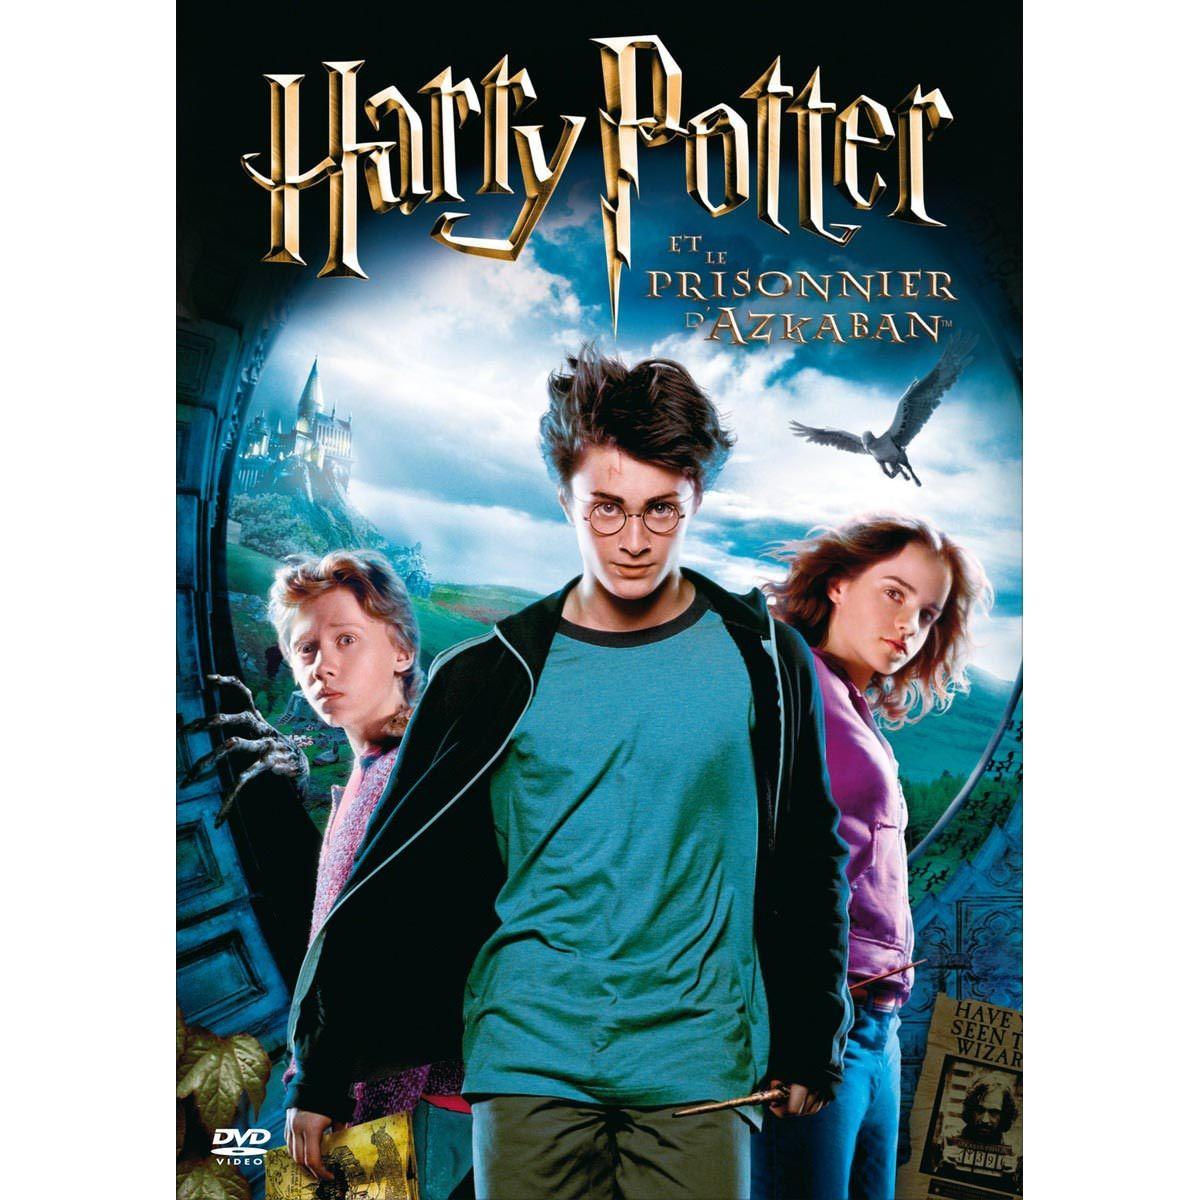 Harry Potter Et Le Prisonnier D Azkaban Check More At Http Www Allocasion Com Produit Harry Potter Der Gefangene Von Askaban Harry Potter Film Harry Potter